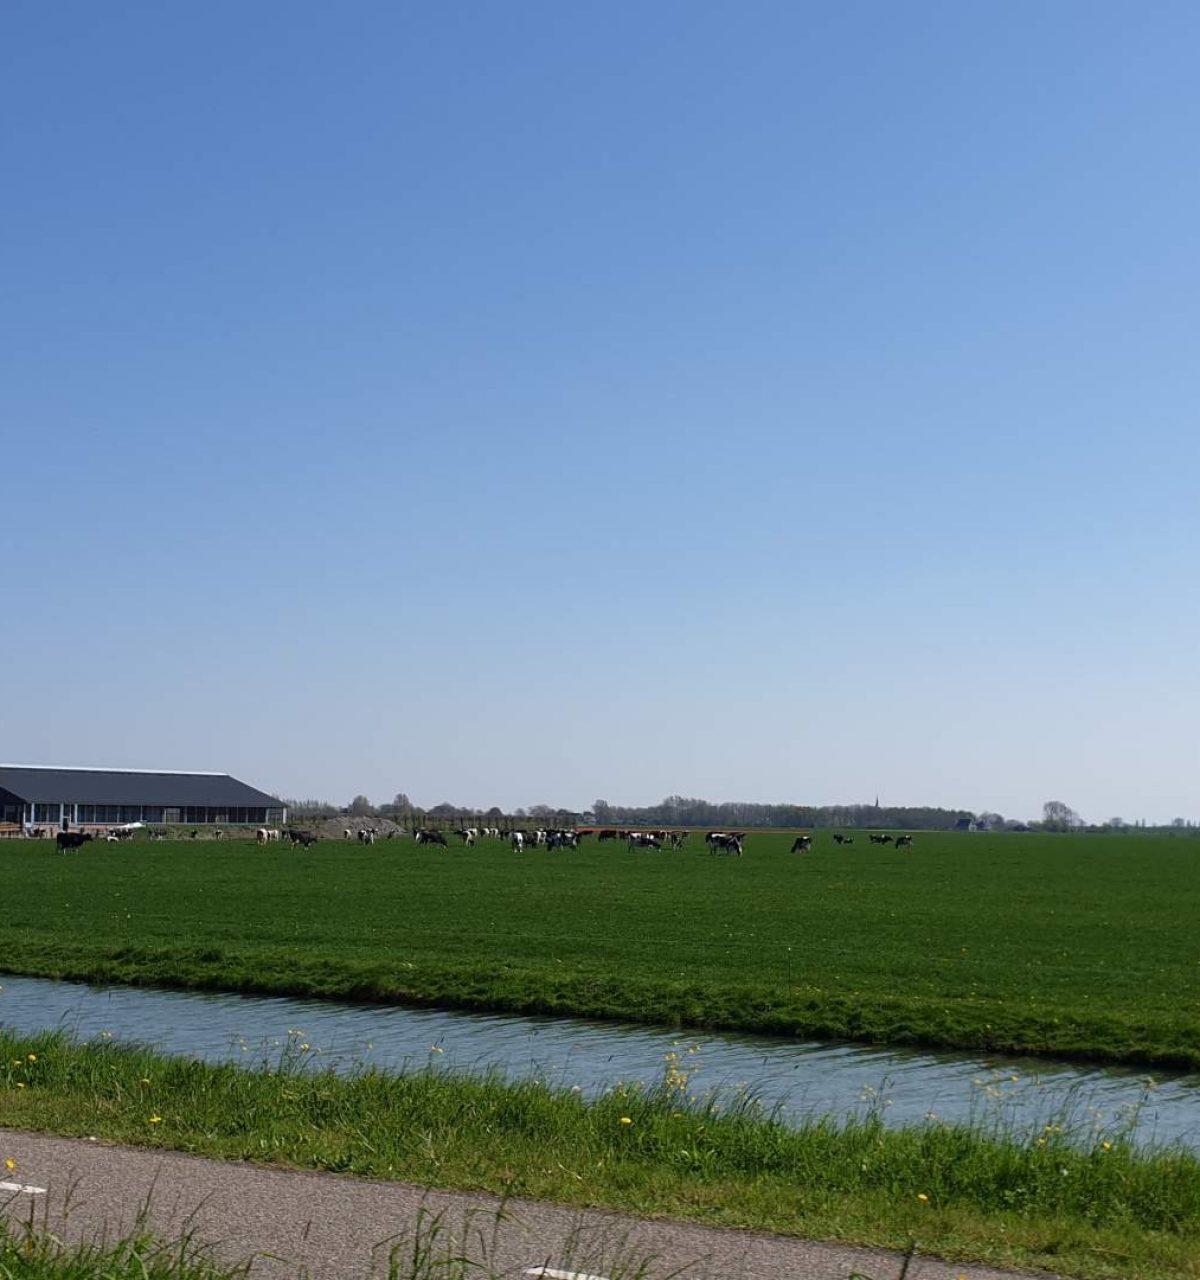 westwoud omgeving natuur noord holland boven amsterdam-25